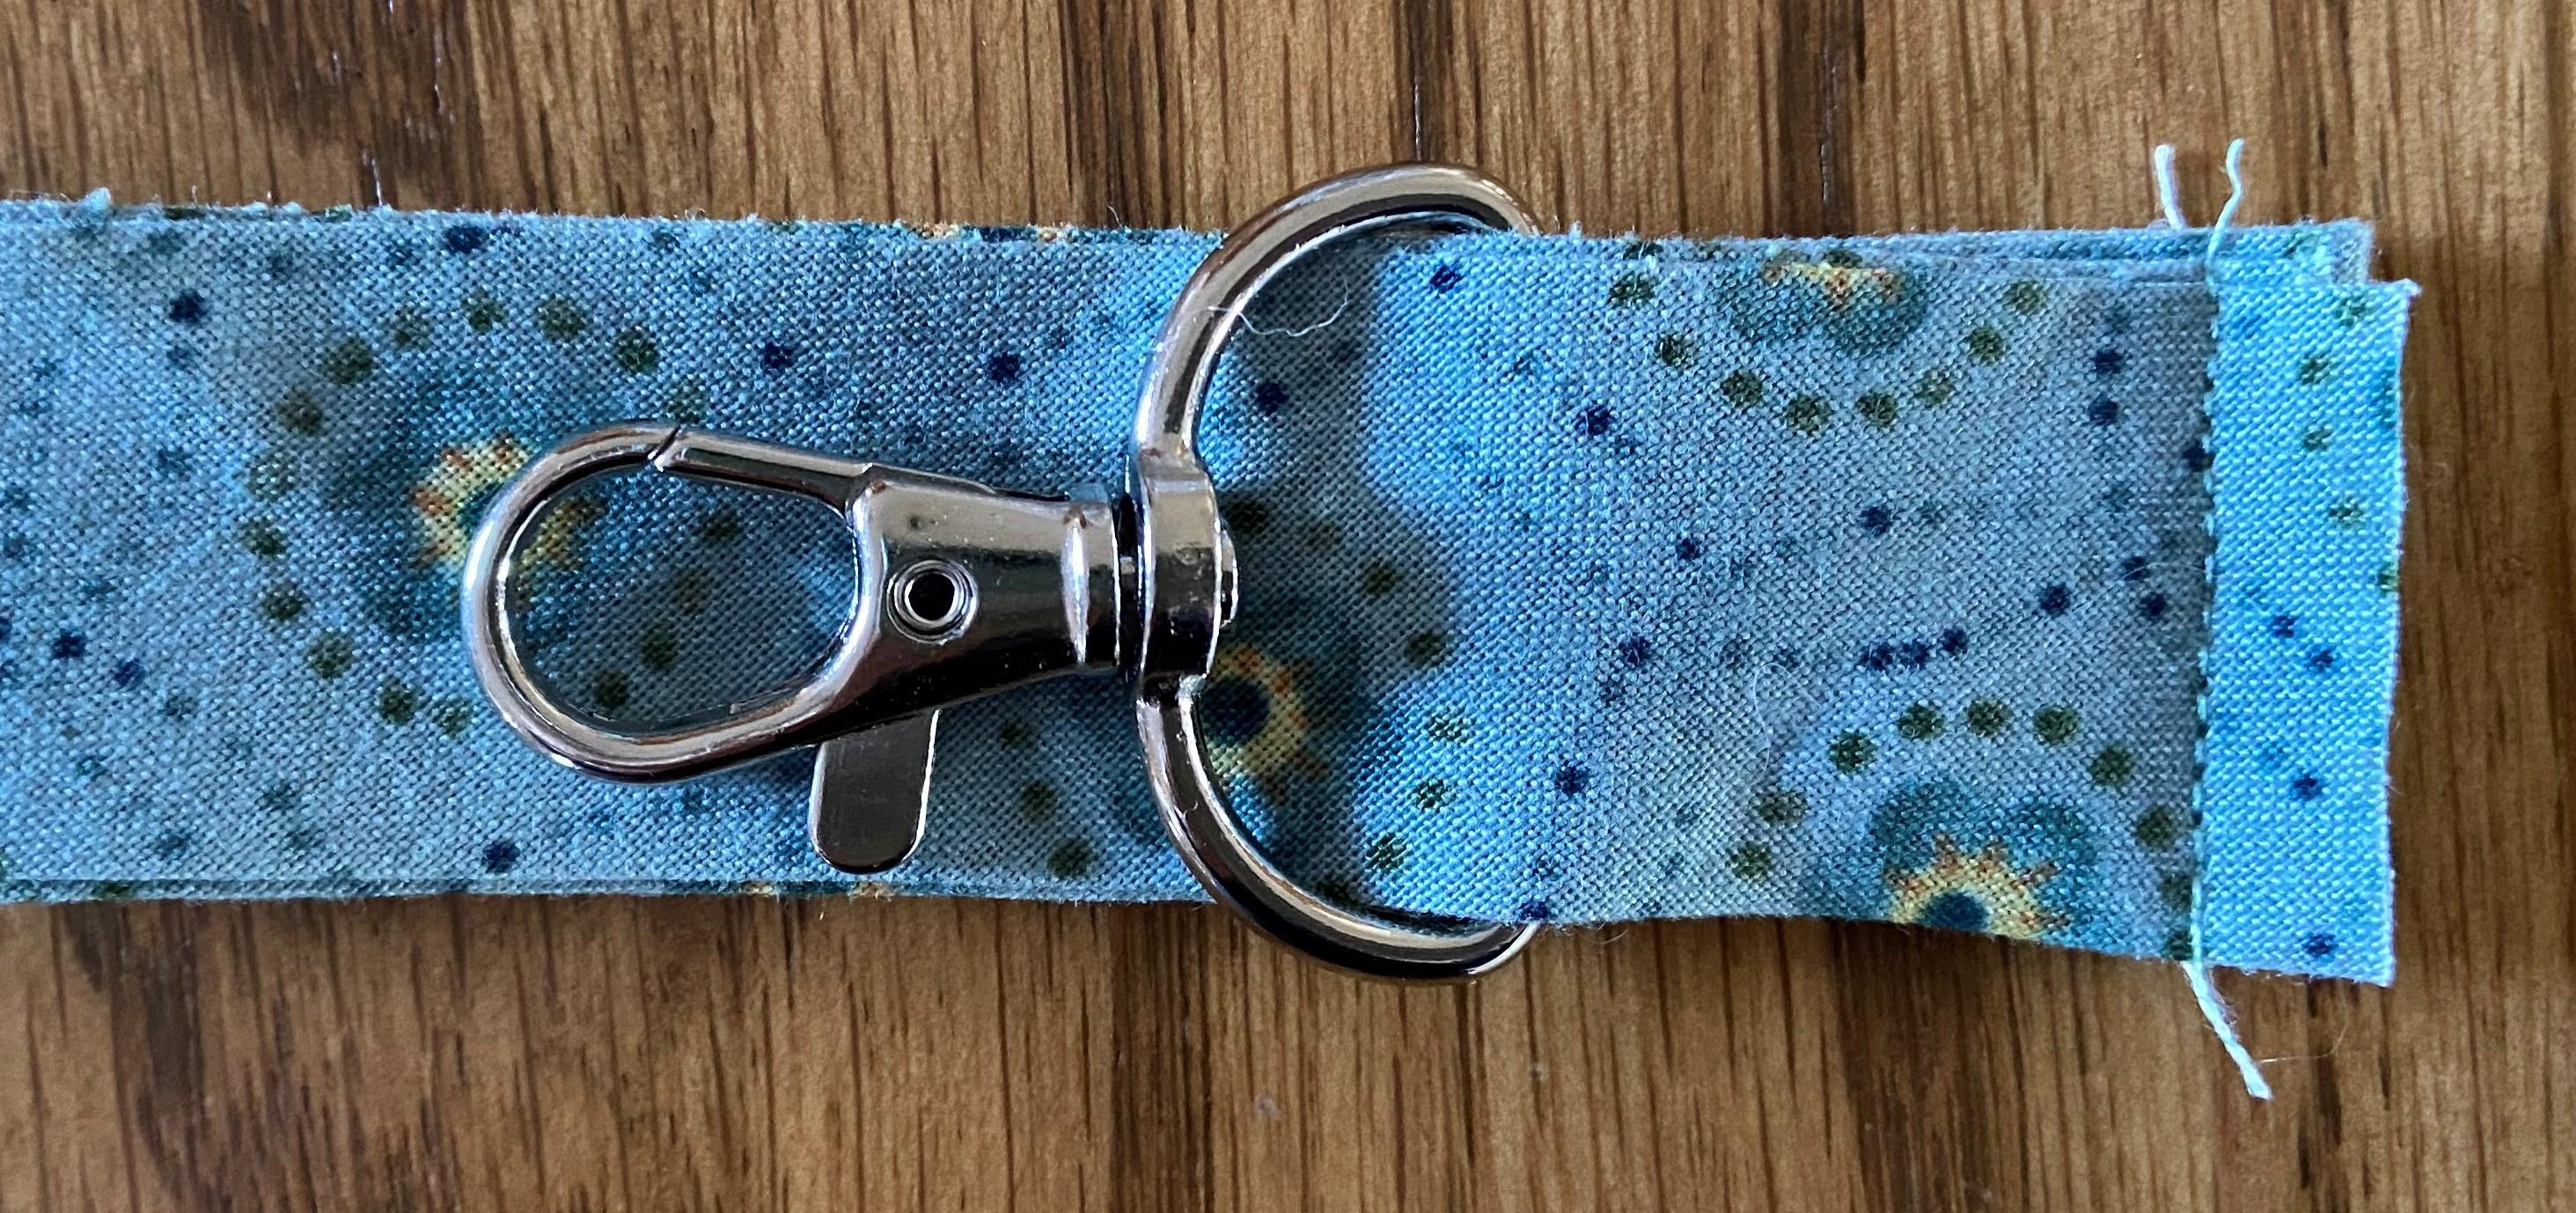 Scissors String c